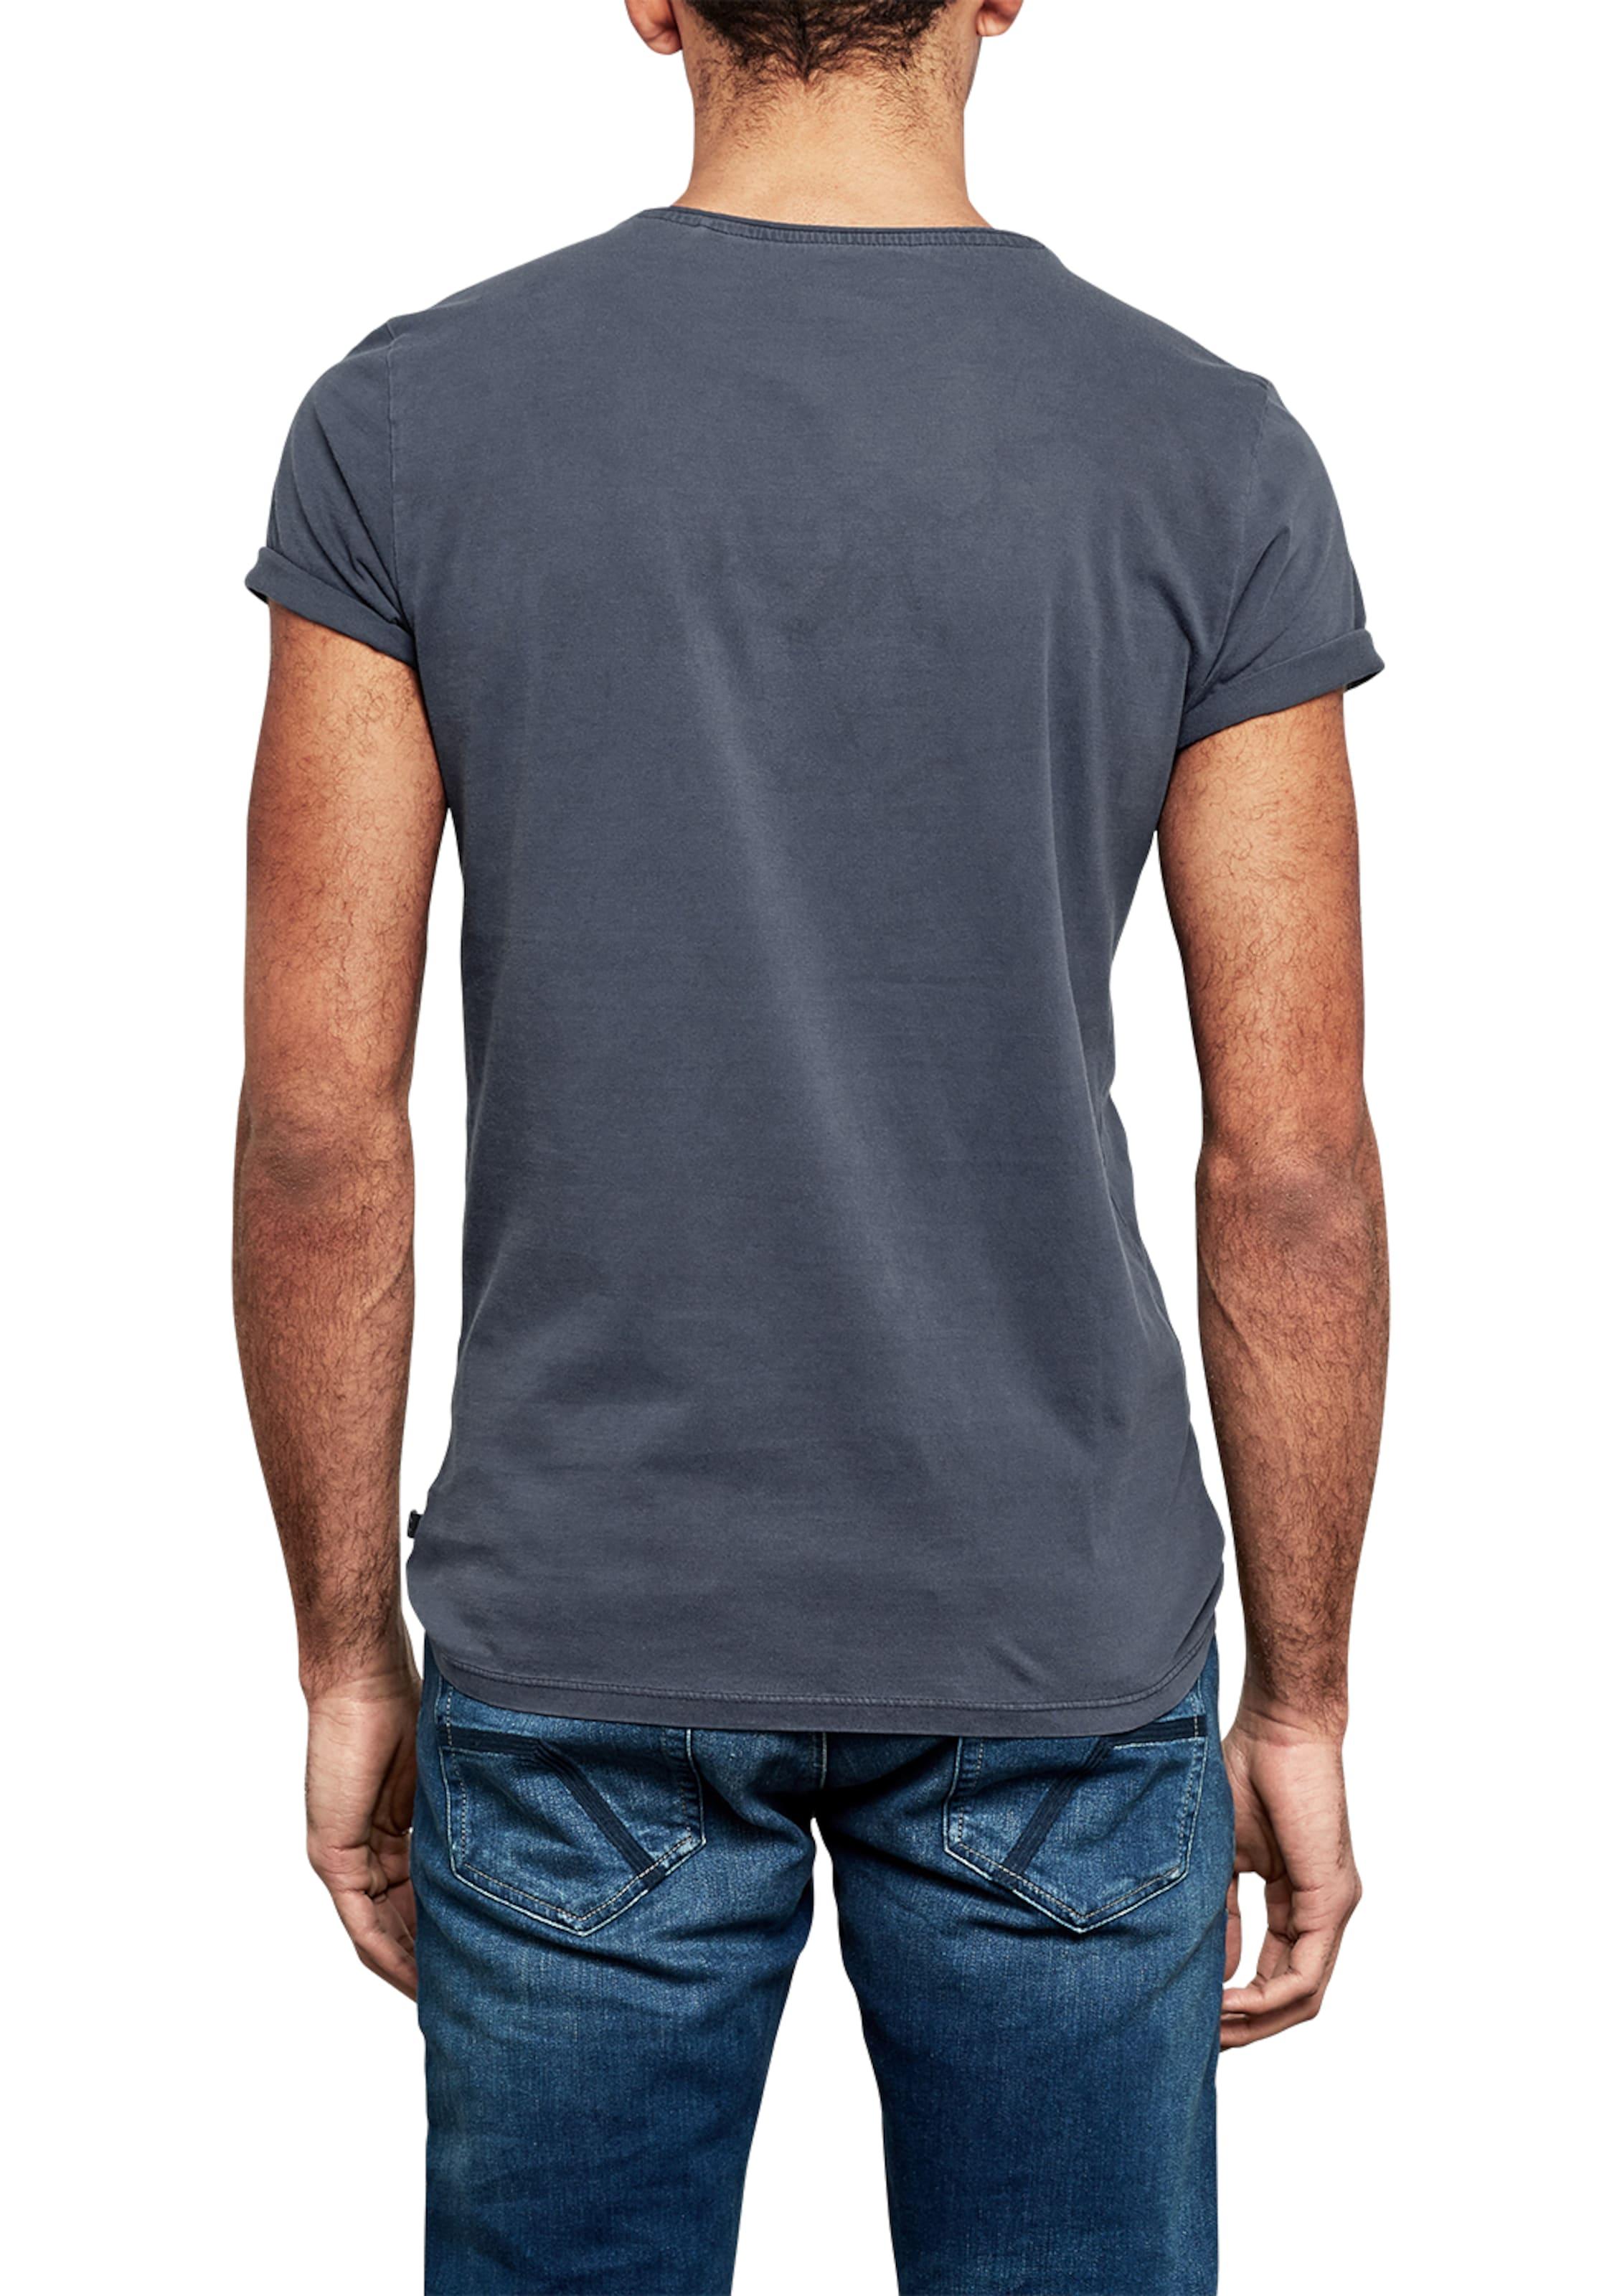 Q/S designed by Crew Neck Basic-Shirt Top-Qualität Günstiger Preis Billig Besuch Neu Fachlich 100% Ig Garantiert Günstig Online Mc5aYJP4